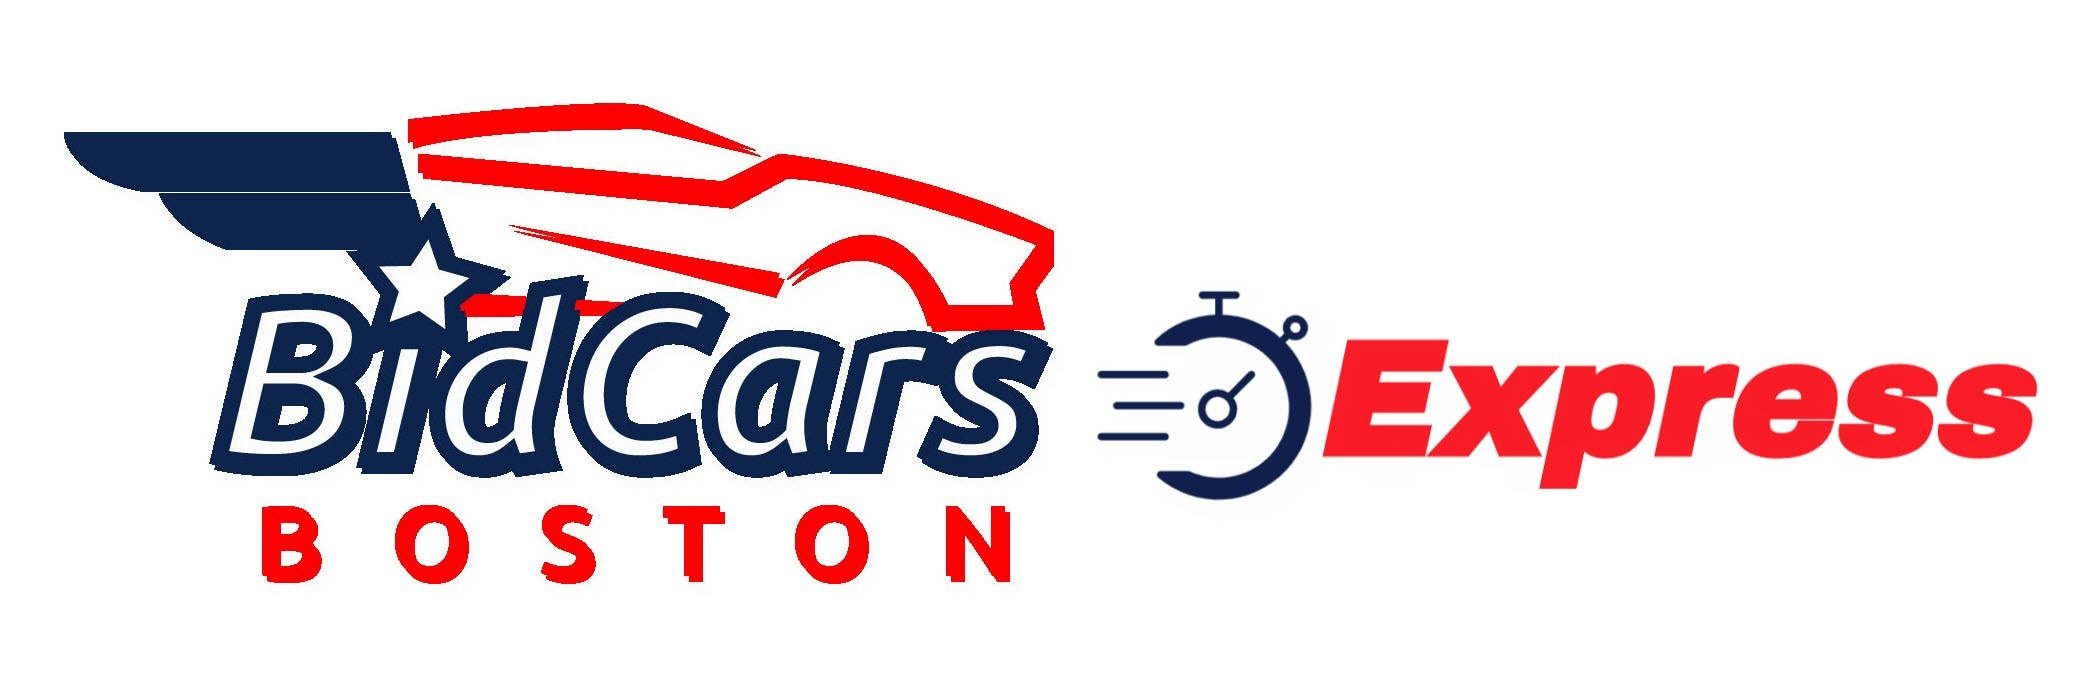 BidCars Express